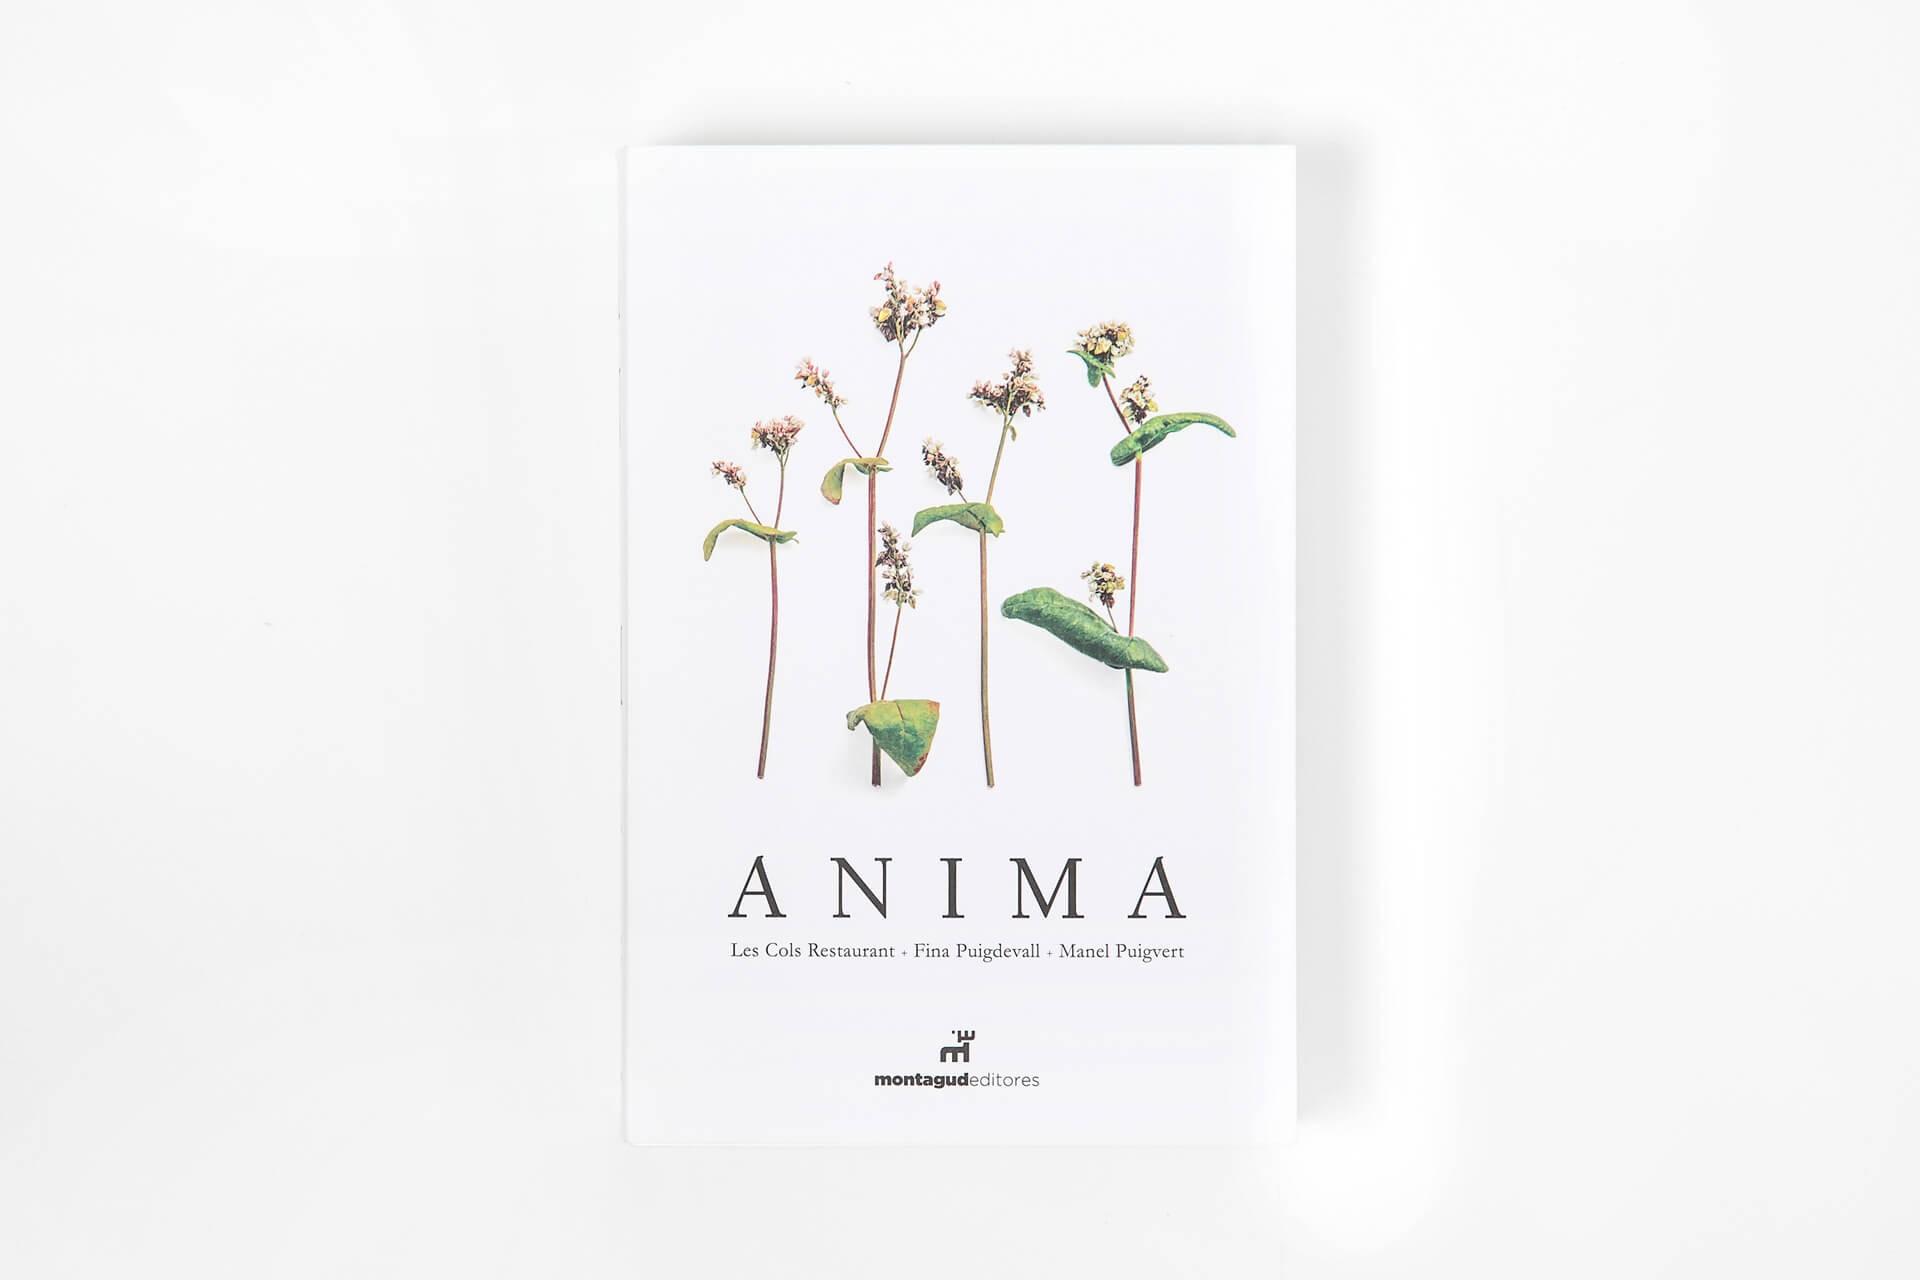 ANIMA_l